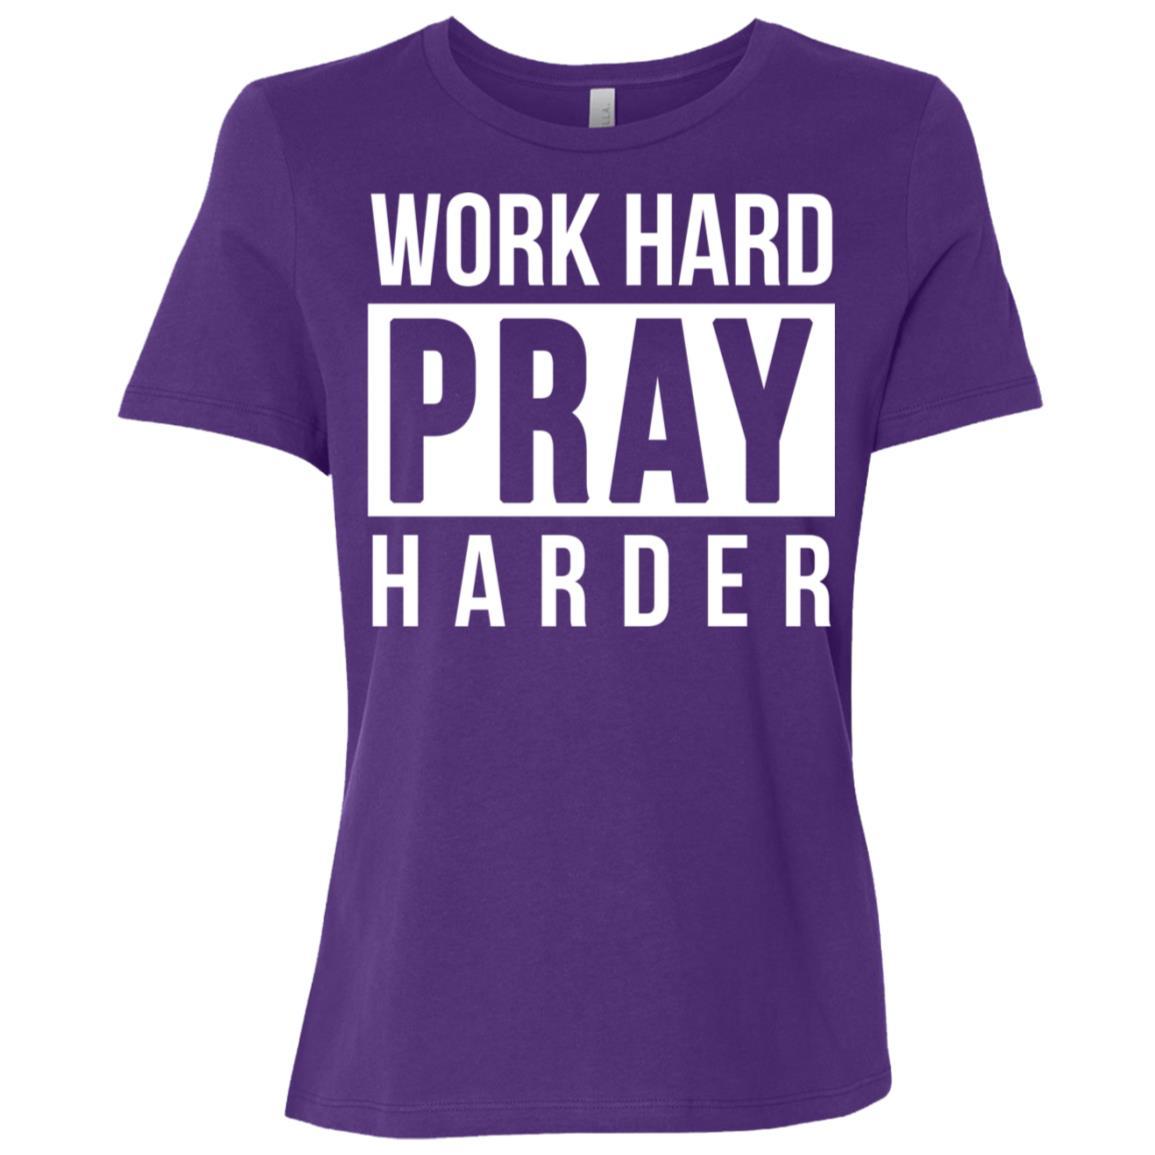 Work Hard Pray Harder Christian Praise God Women Short Sleeve T-Shirt